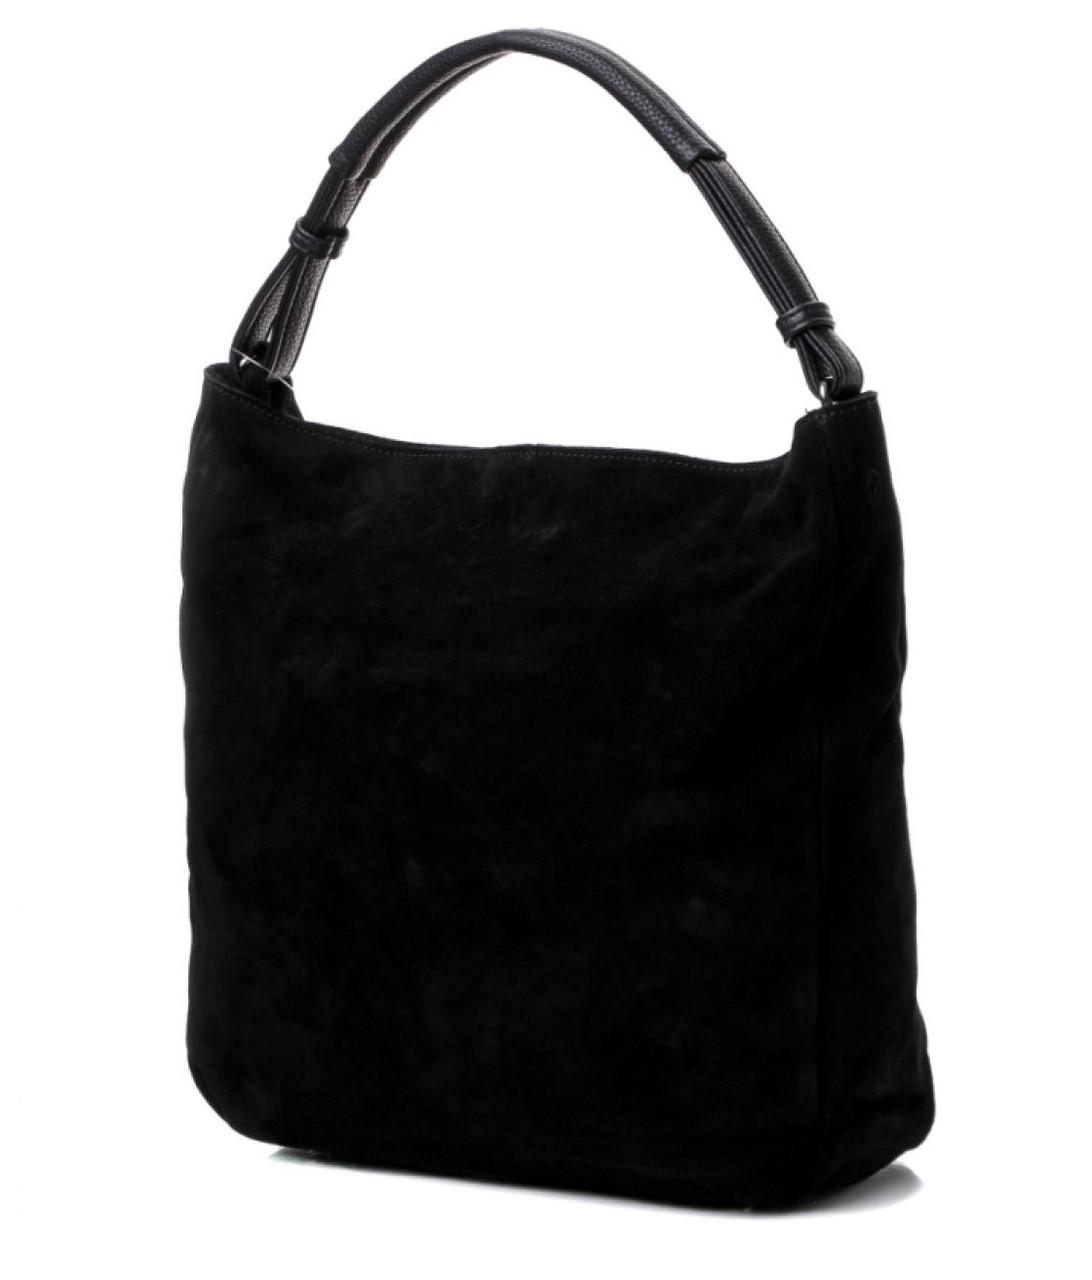 9968881dc135 Сумка-мешок женская замшевая на одной ручке черная 717. Брендовые сумки  недорого в Одессе